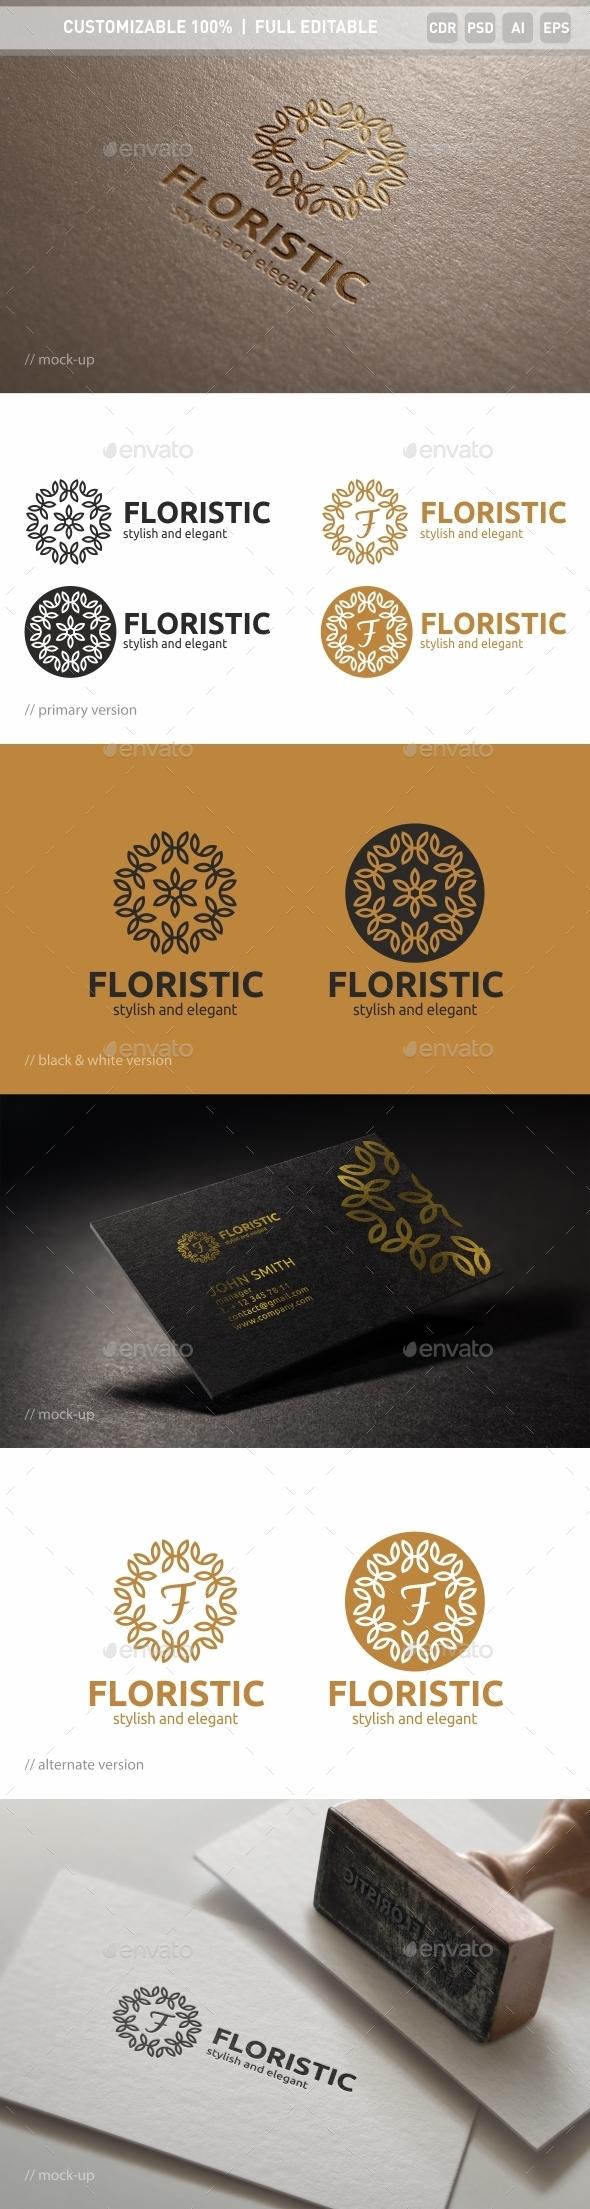 Floristic Logo Template